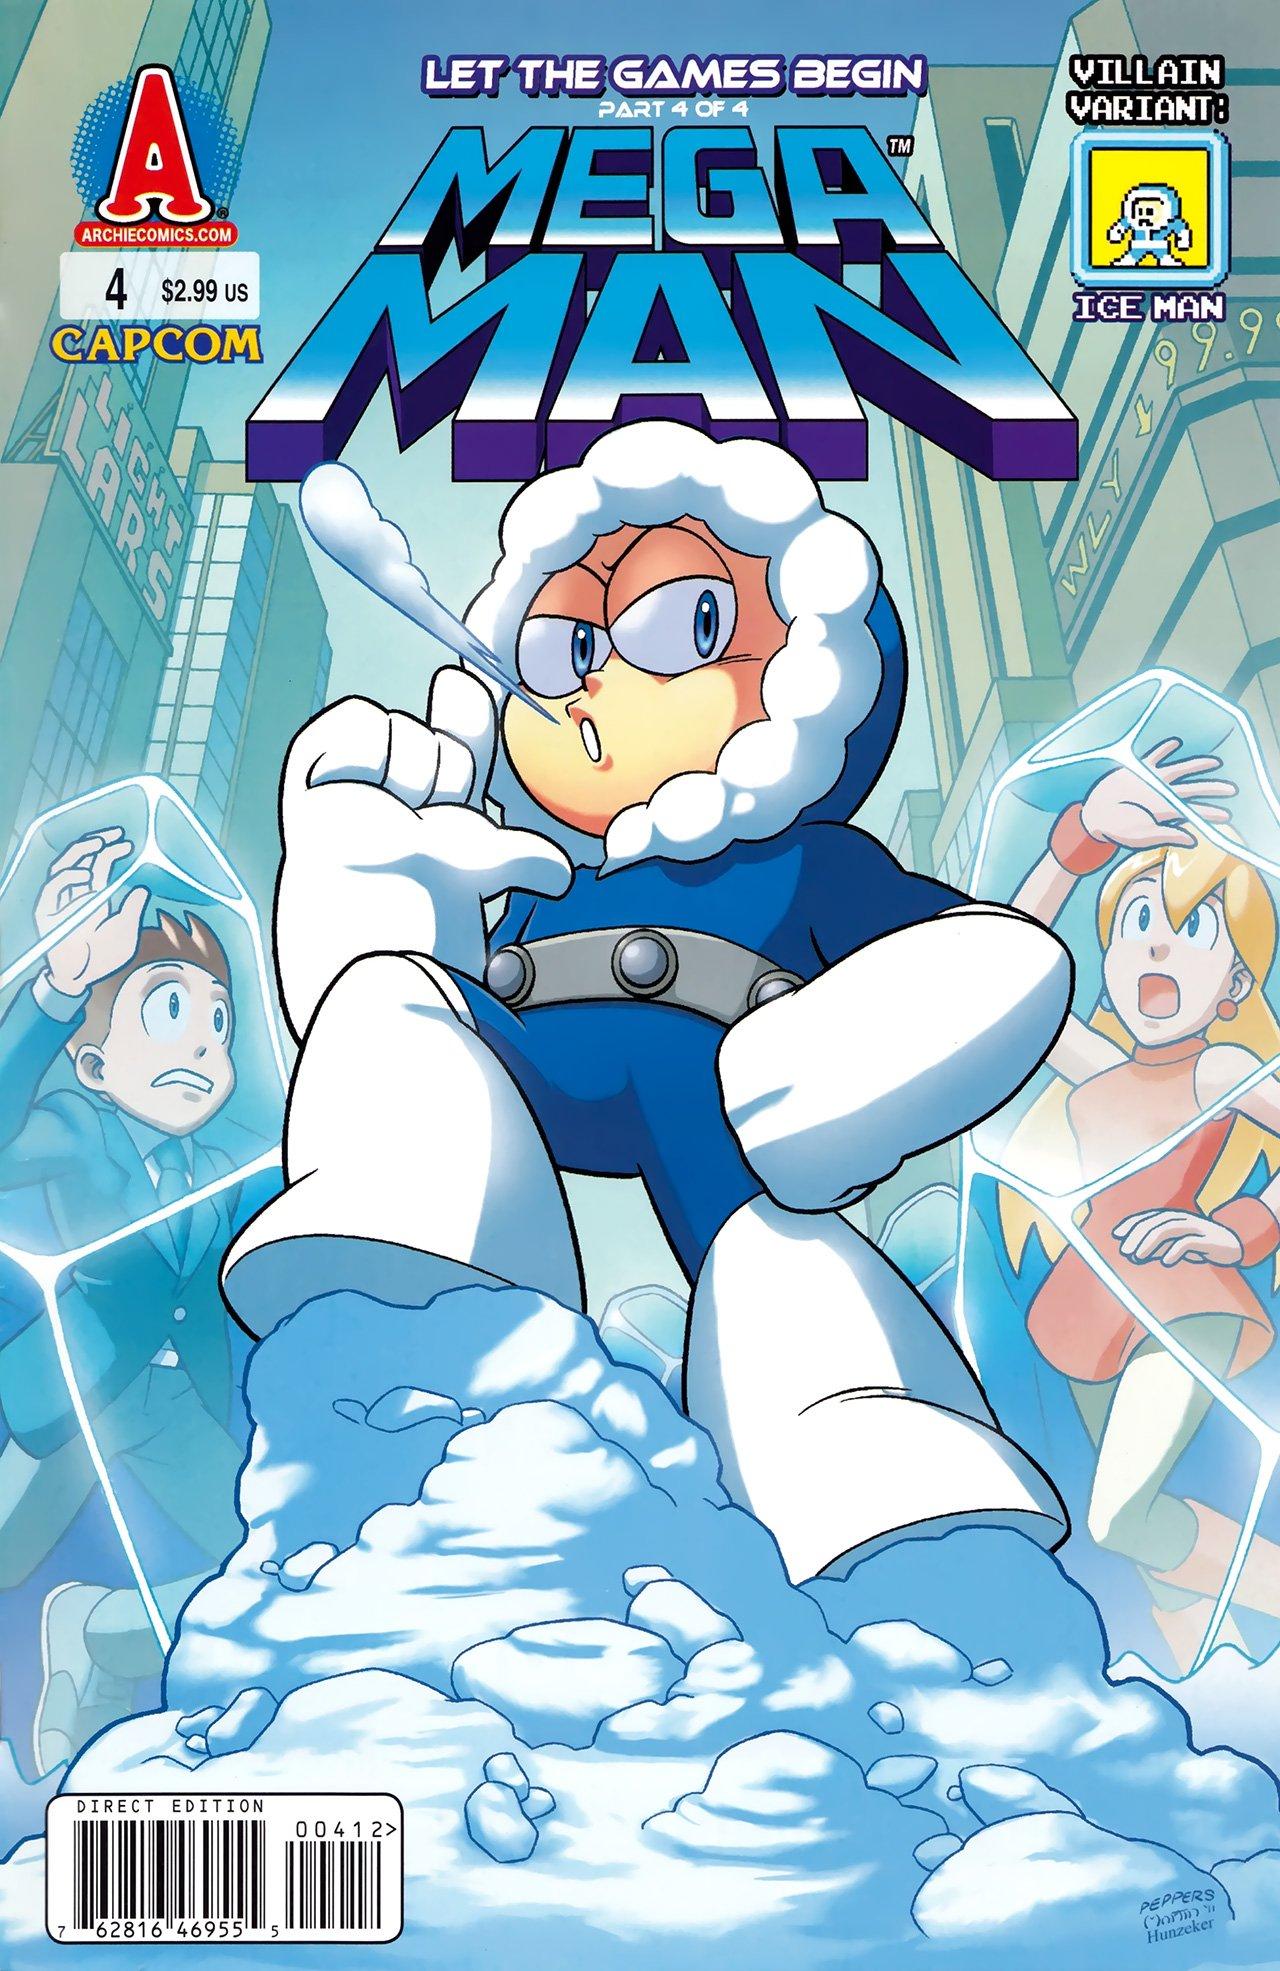 Mega Man 004 (October 2011) (villain variant)